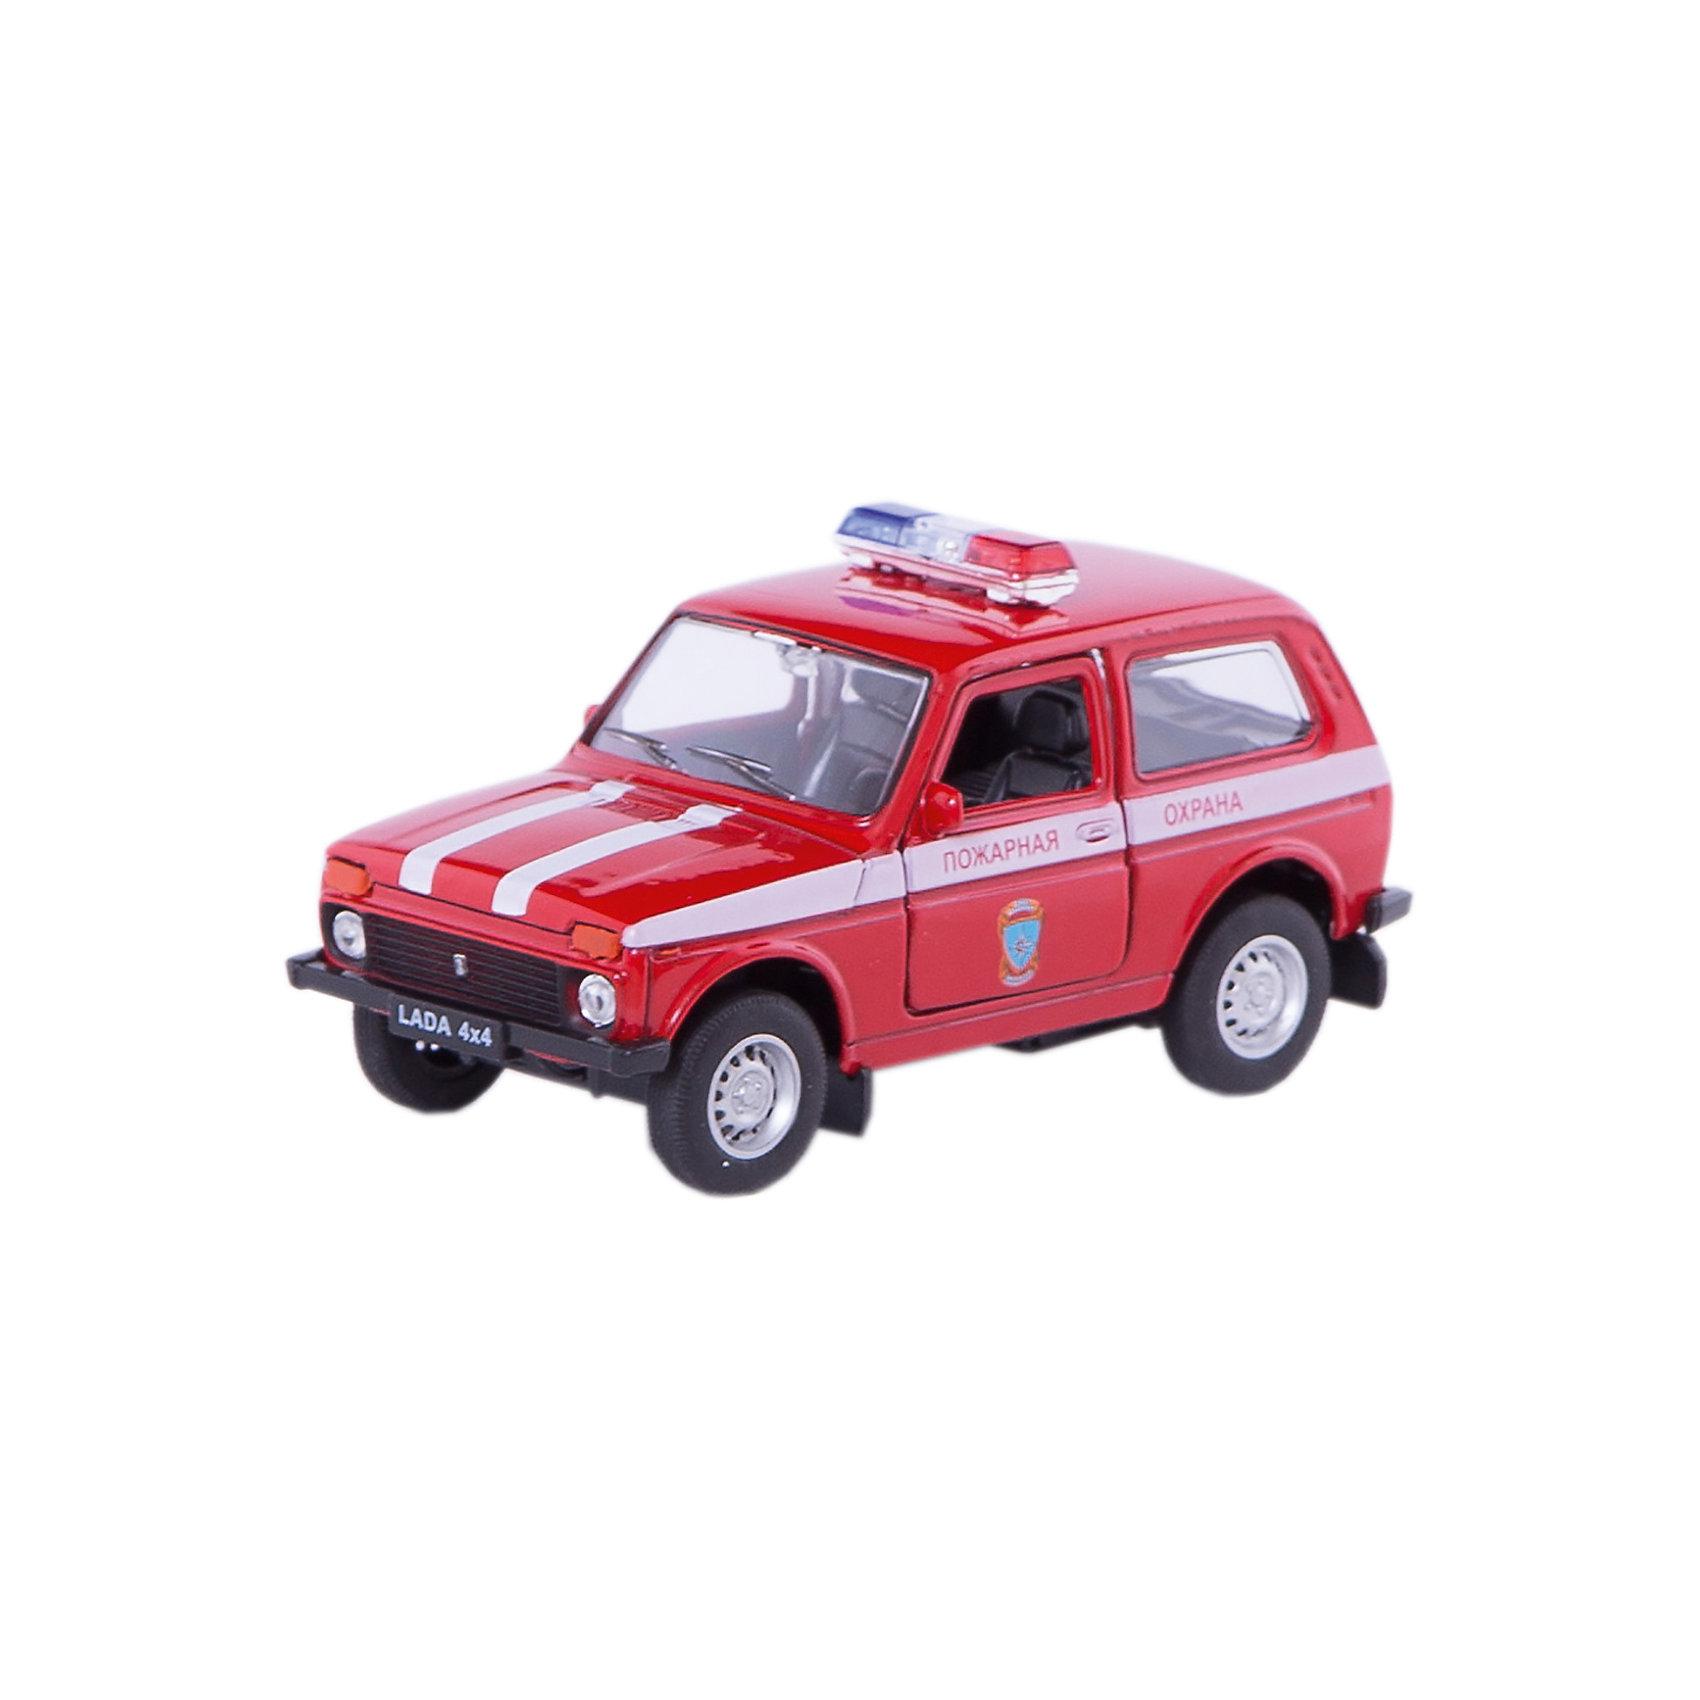 Welly Модель машины 1:34-39 LADA Пожарная охранаКоллекционные модели<br>Характеристики модели машины 1:34-39 LADA Пожарная охрана: <br><br>- возраст: от 3 лет<br>- пол: для мальчиков<br>- модель: Lada 4*4.<br>- цвет: красный.<br>- масштаб: 1:34-39.<br>- материал: металл, пластик. <br>- бренд: Welly<br><br>Коллекционная модель Lada 4x4 - Пожарная охрана представляет собой точную копию оригинального внедорожника Нива, выполненную в красном цвете пожарной охраны в масштабе 1:34-39. Игрушка изготовлена из высококачественного металла и пластика и абсолютно безопасна для здоровья. Машинка снабжена инерционным двигателем, благодаря которому она может ездить вперед, ее двери открываются, обнажая взору проработанный пластиковый салон. Вашему ребенку обязательно понравится играть с металлической машинкой Lada 4x4 - Пожарная охрана, и он будет без устали играть с ней, представляя себя спасателем, отправившимся на экстренный вызов. <br><br>Модель машины LADA Пожарная охрана торговой марки Welly можно купить в нашем интернет-магазине.<br><br>Ширина мм: 150<br>Глубина мм: 60<br>Высота мм: 120<br>Вес г: 179<br>Возраст от месяцев: 84<br>Возраст до месяцев: 1188<br>Пол: Мужской<br>Возраст: Детский<br>SKU: 2150211